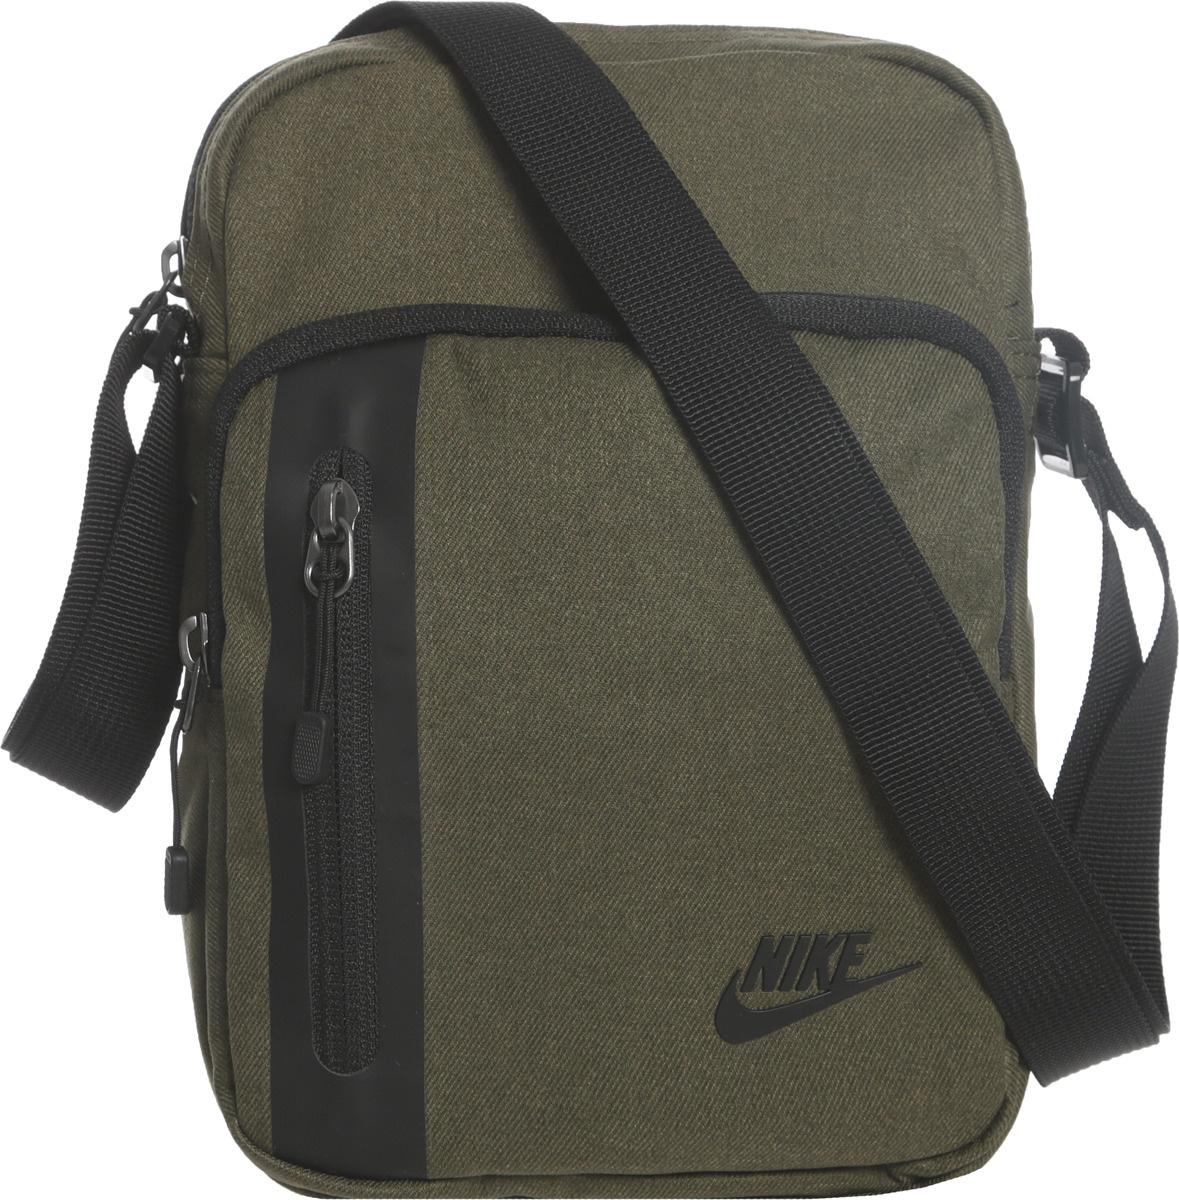 c91bb2d88916 Сумка Nike Core Small Items 3.0 Bag, цвет: хаки. BA5268-395 — купить в  интернет-магазине OZON.ru с быстрой доставкой